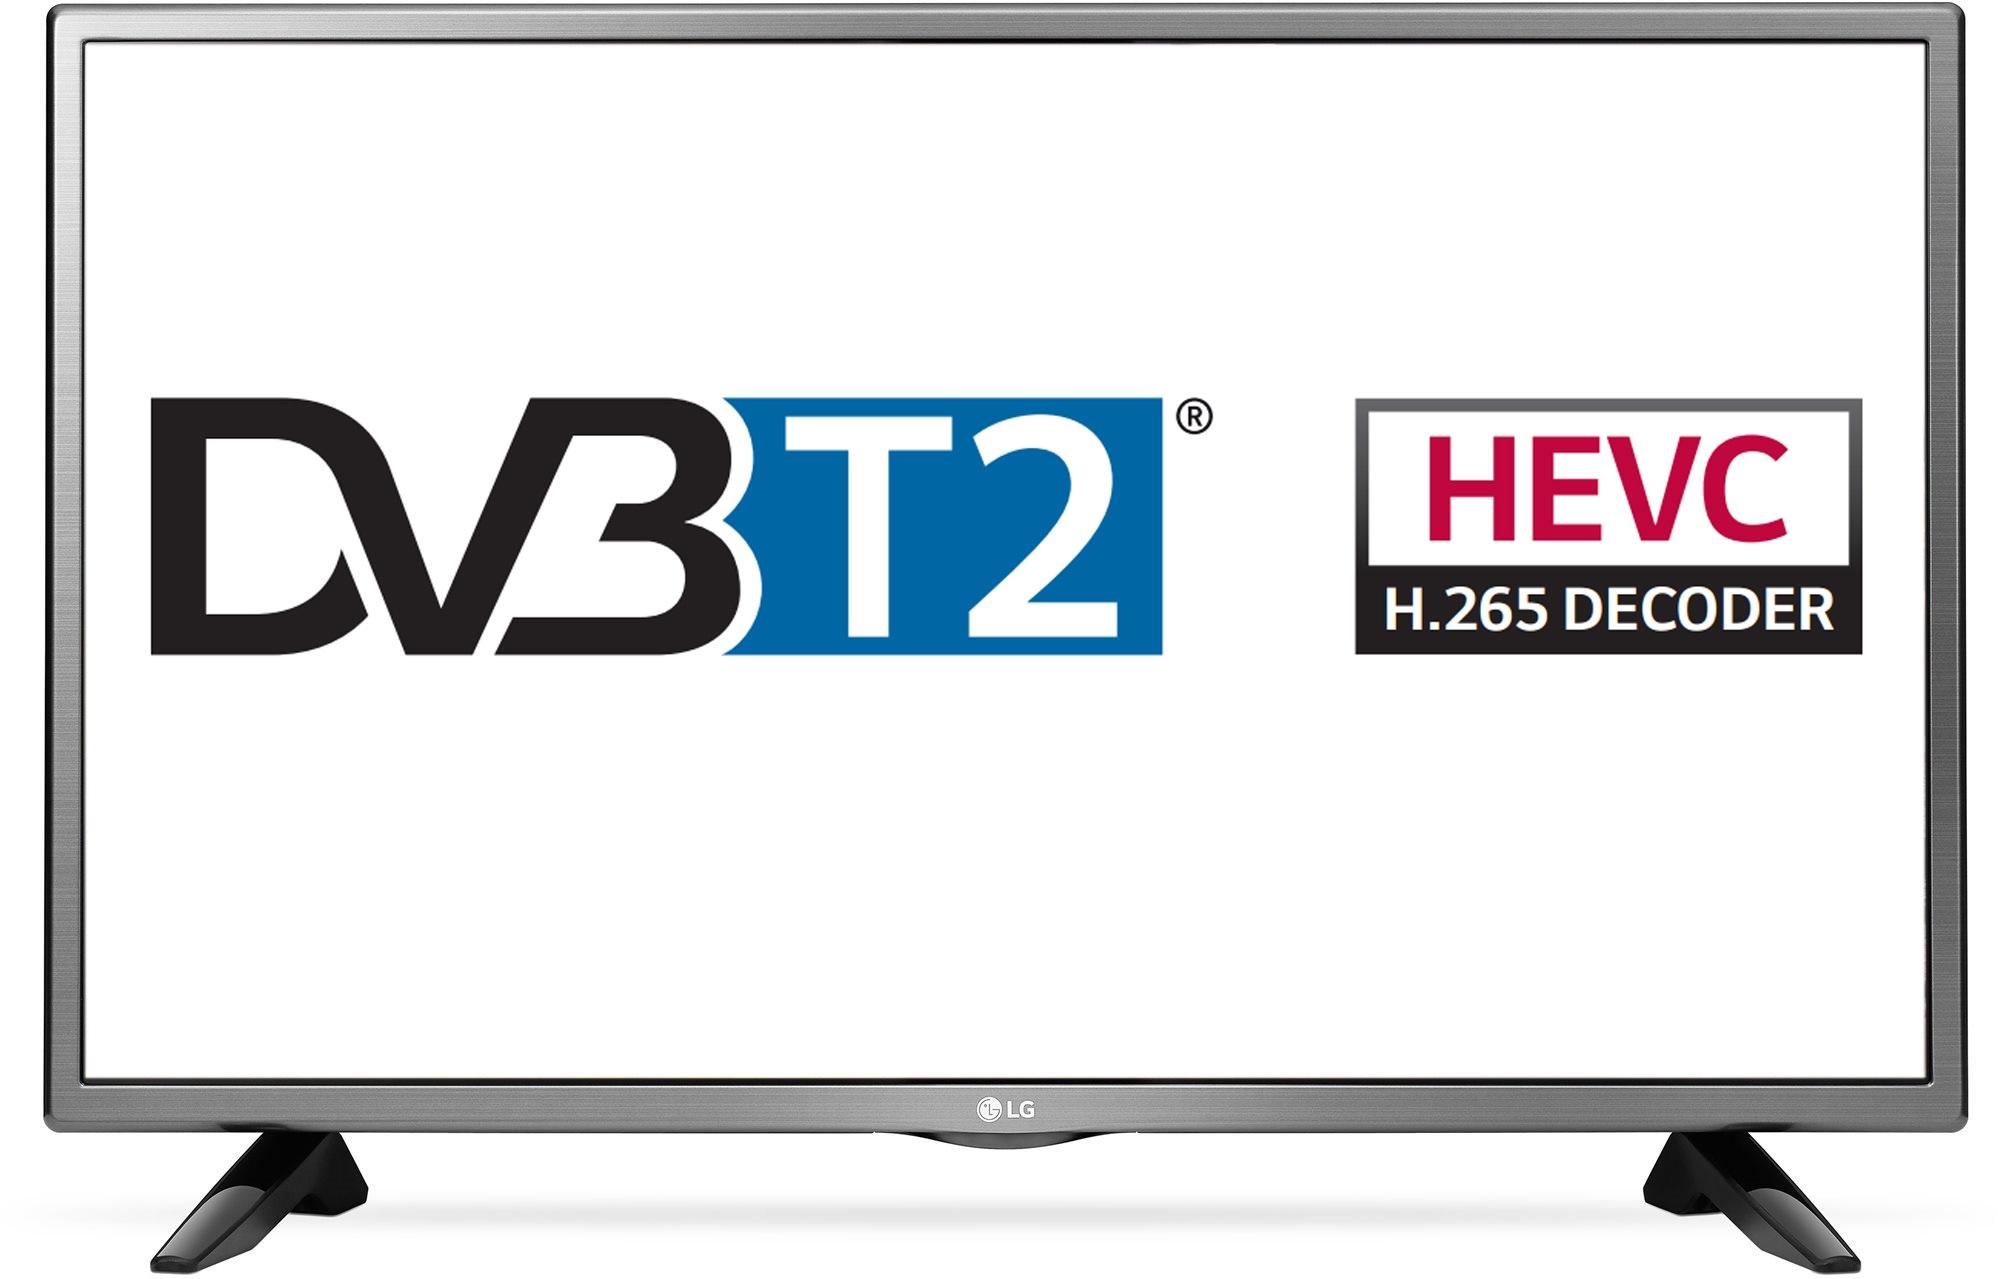 Televízió DVB-T2 tunerrel